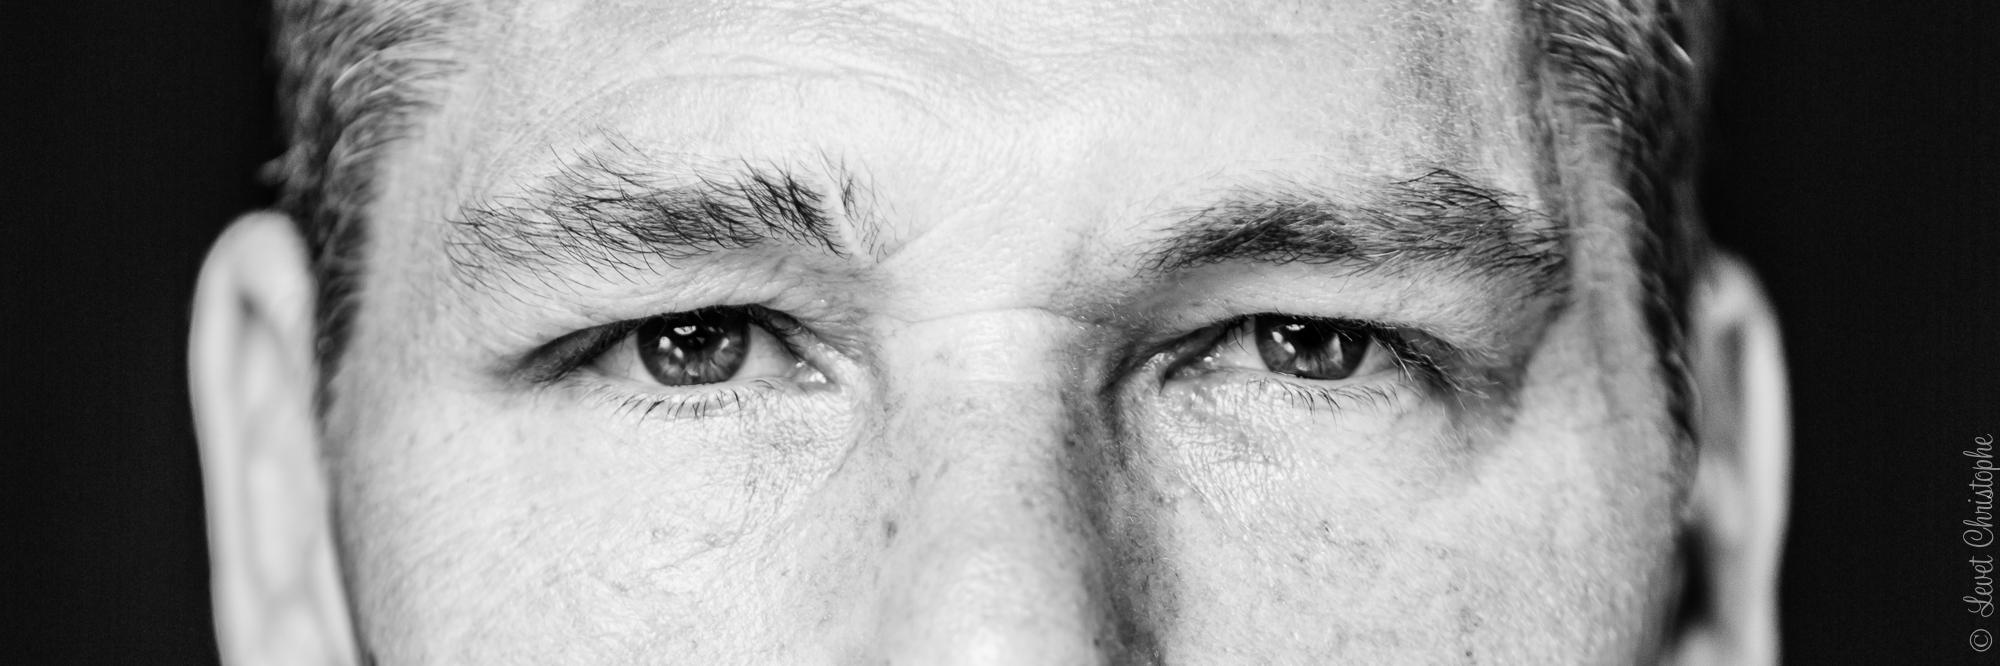 Portrait Shepard Fairey Obey